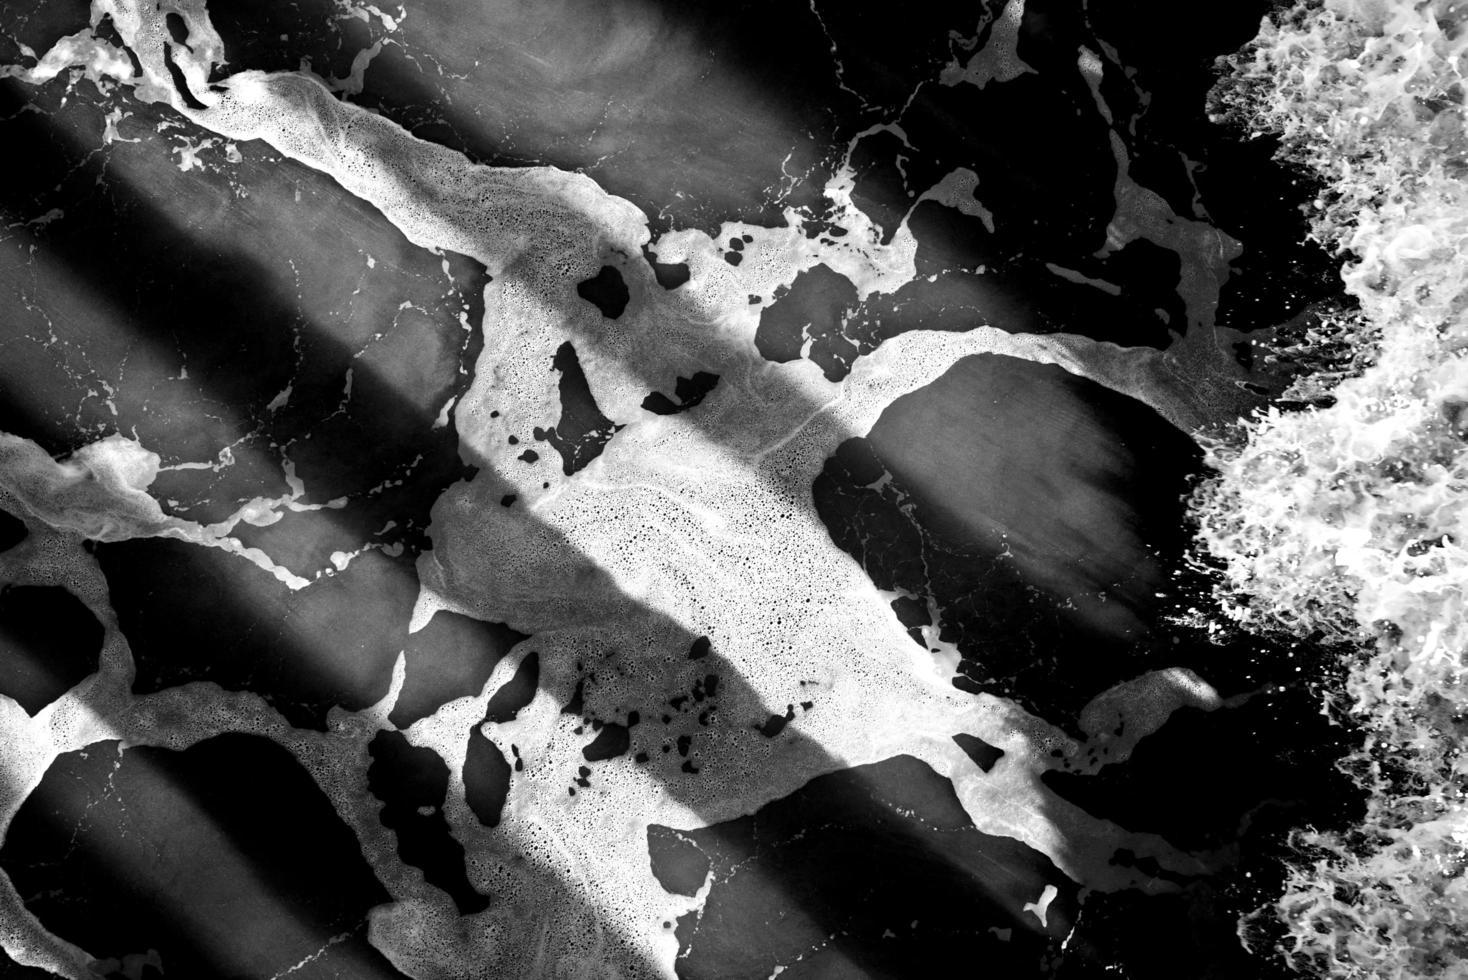 vista astratta di texture in bianco e nero foto